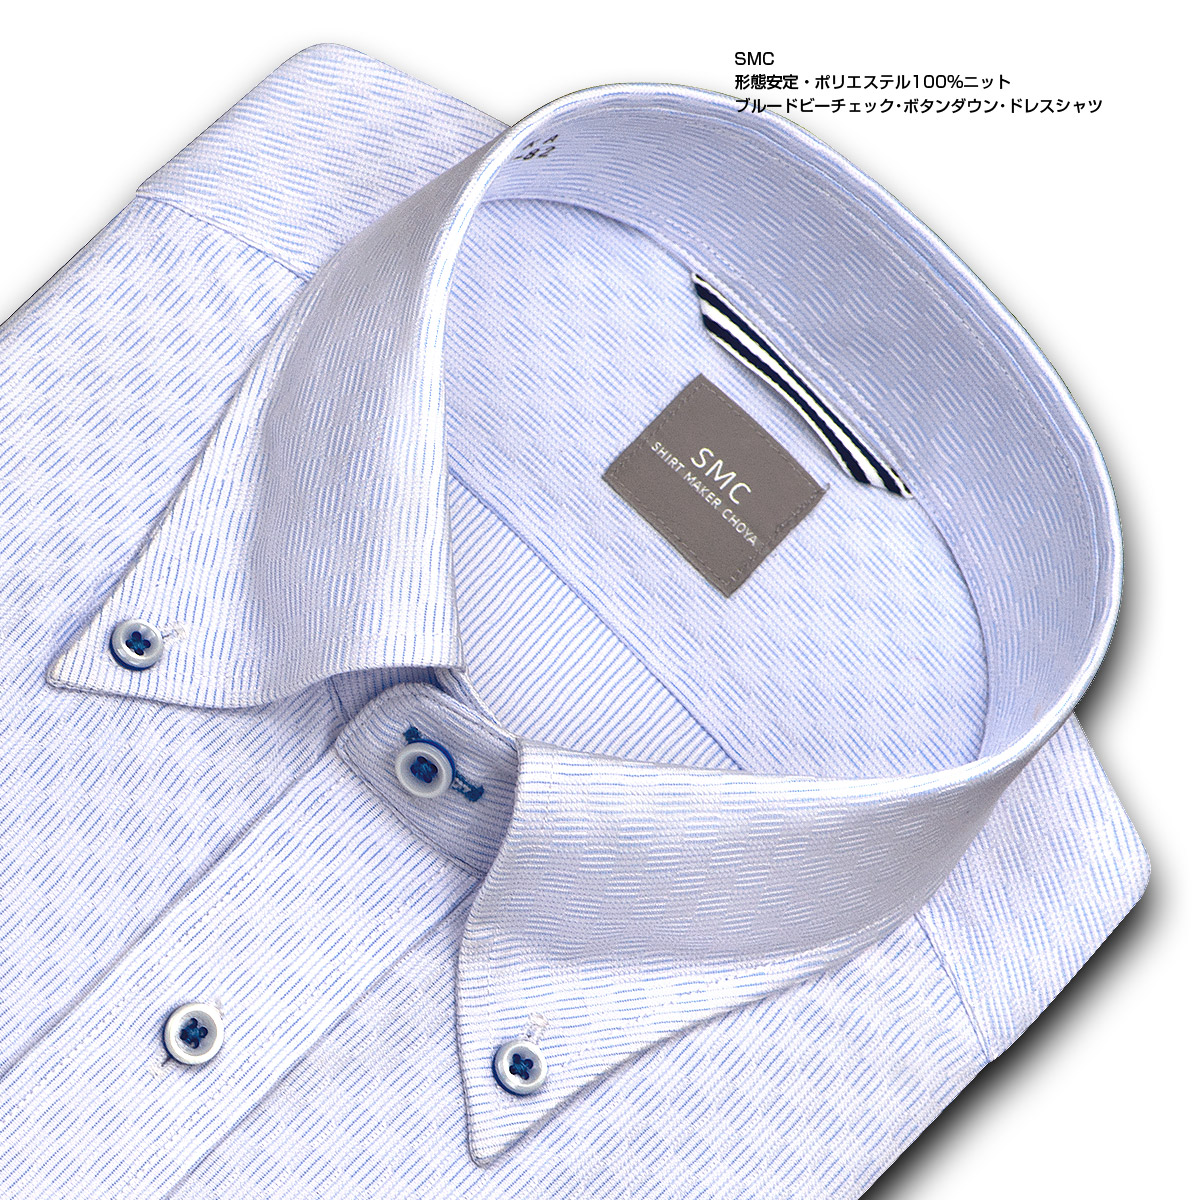 SHIRT MAKER CHOYA ニットシャツ メンズ 春夏秋冬 形態安定 ややスリム ブルードビーチェック ボタンダウンシャツ ポリエステル:100% ブルー   高級 上質 (cmd241-250)